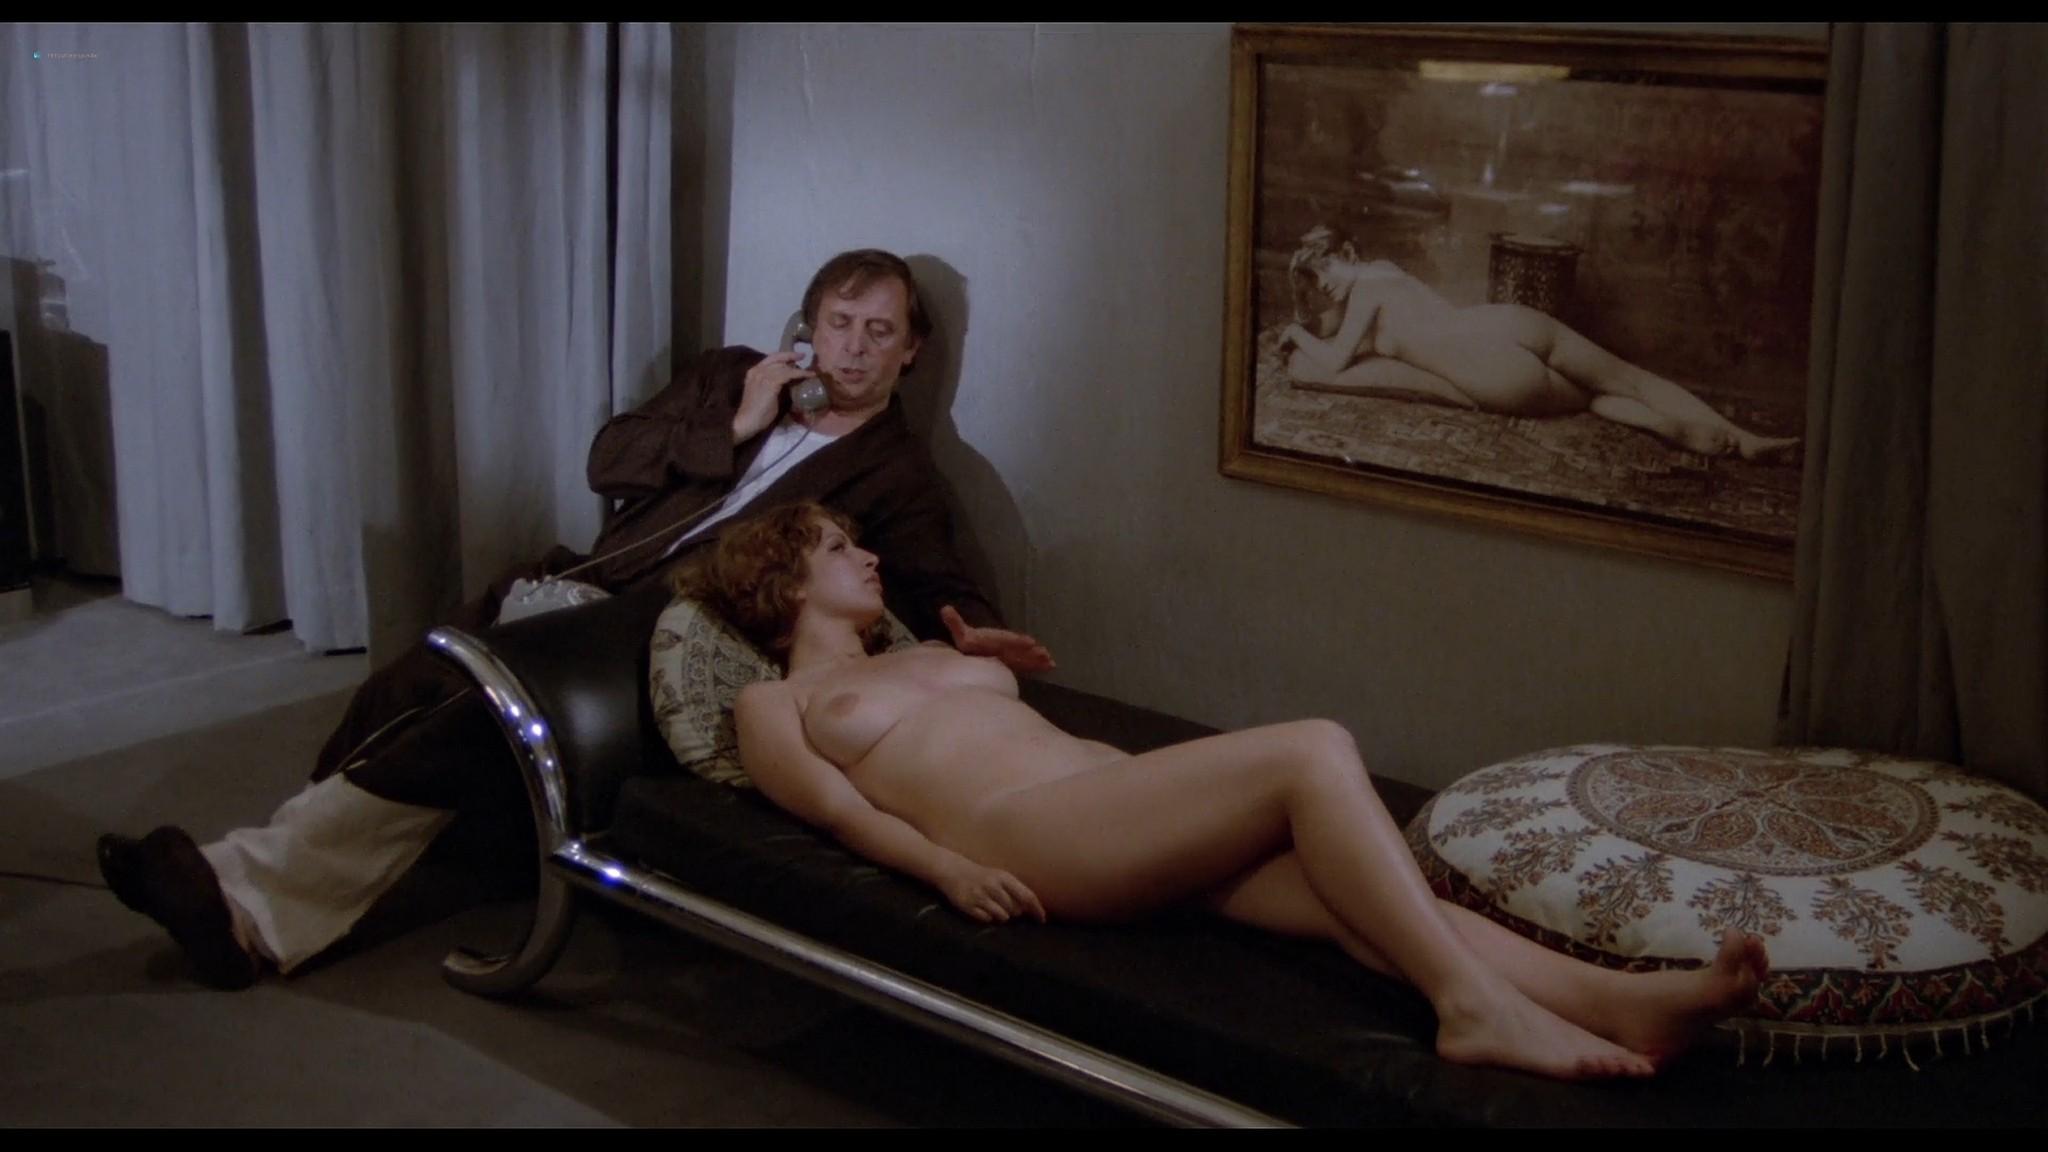 Barbara Bouchet nude bush Stefania Casini and others nude Come perdere una moglie e trovare un amante IT 1978 1080p Web 11